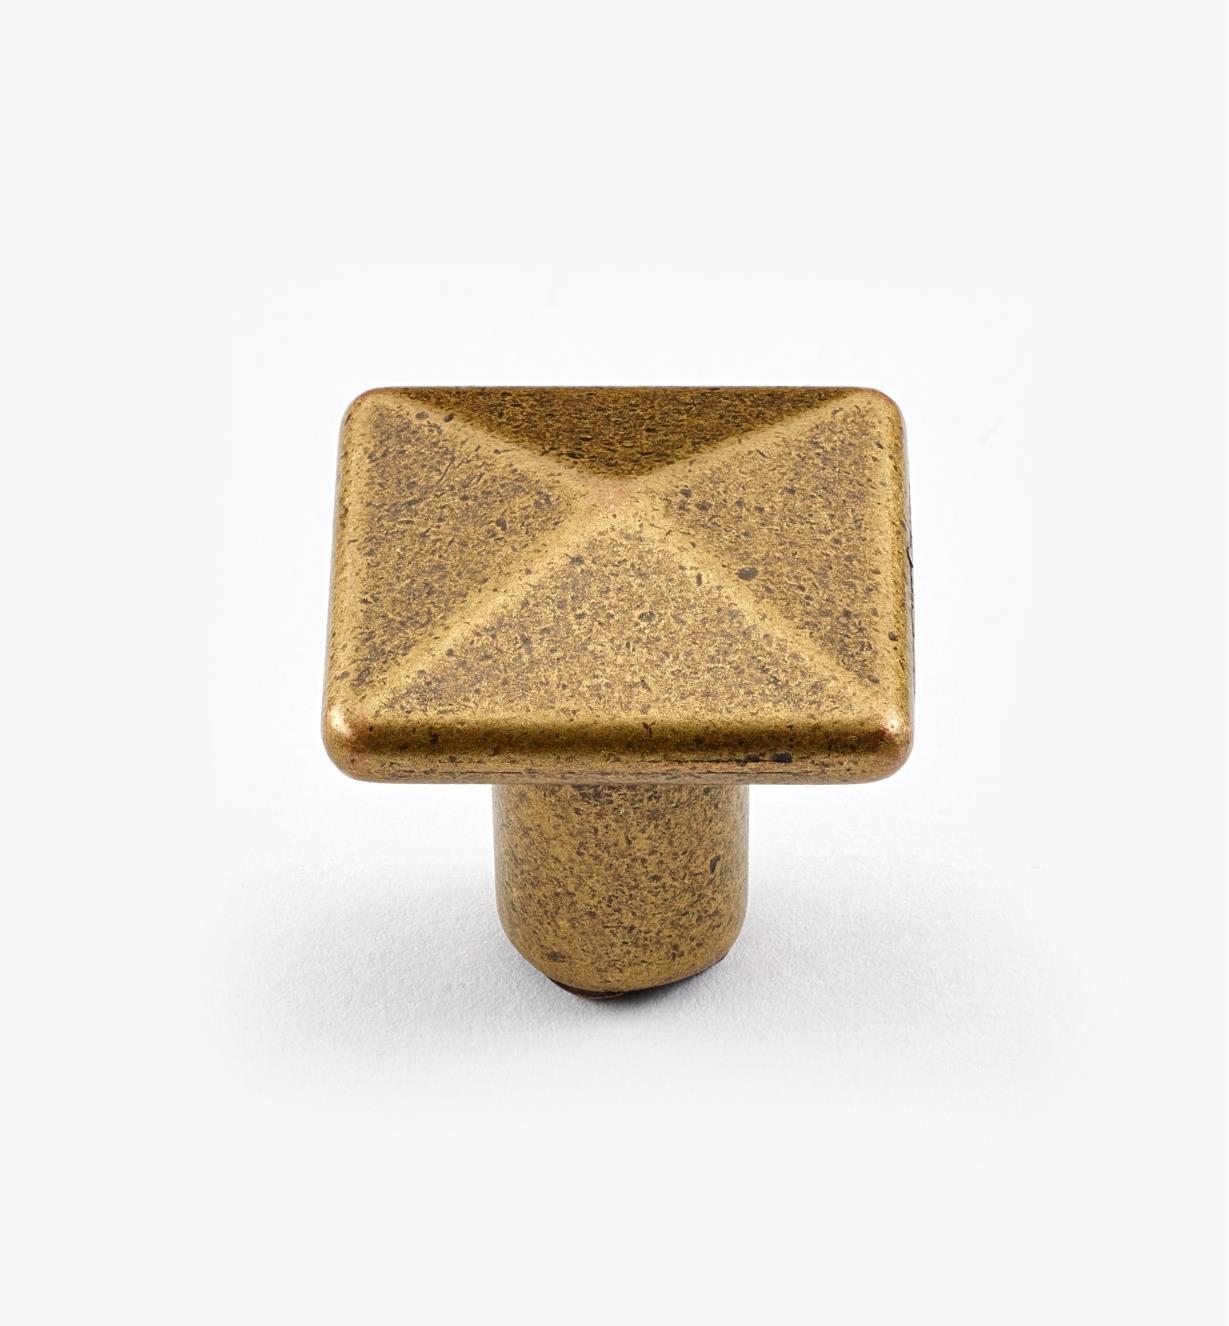 01X3120 - 20mm Square Knob